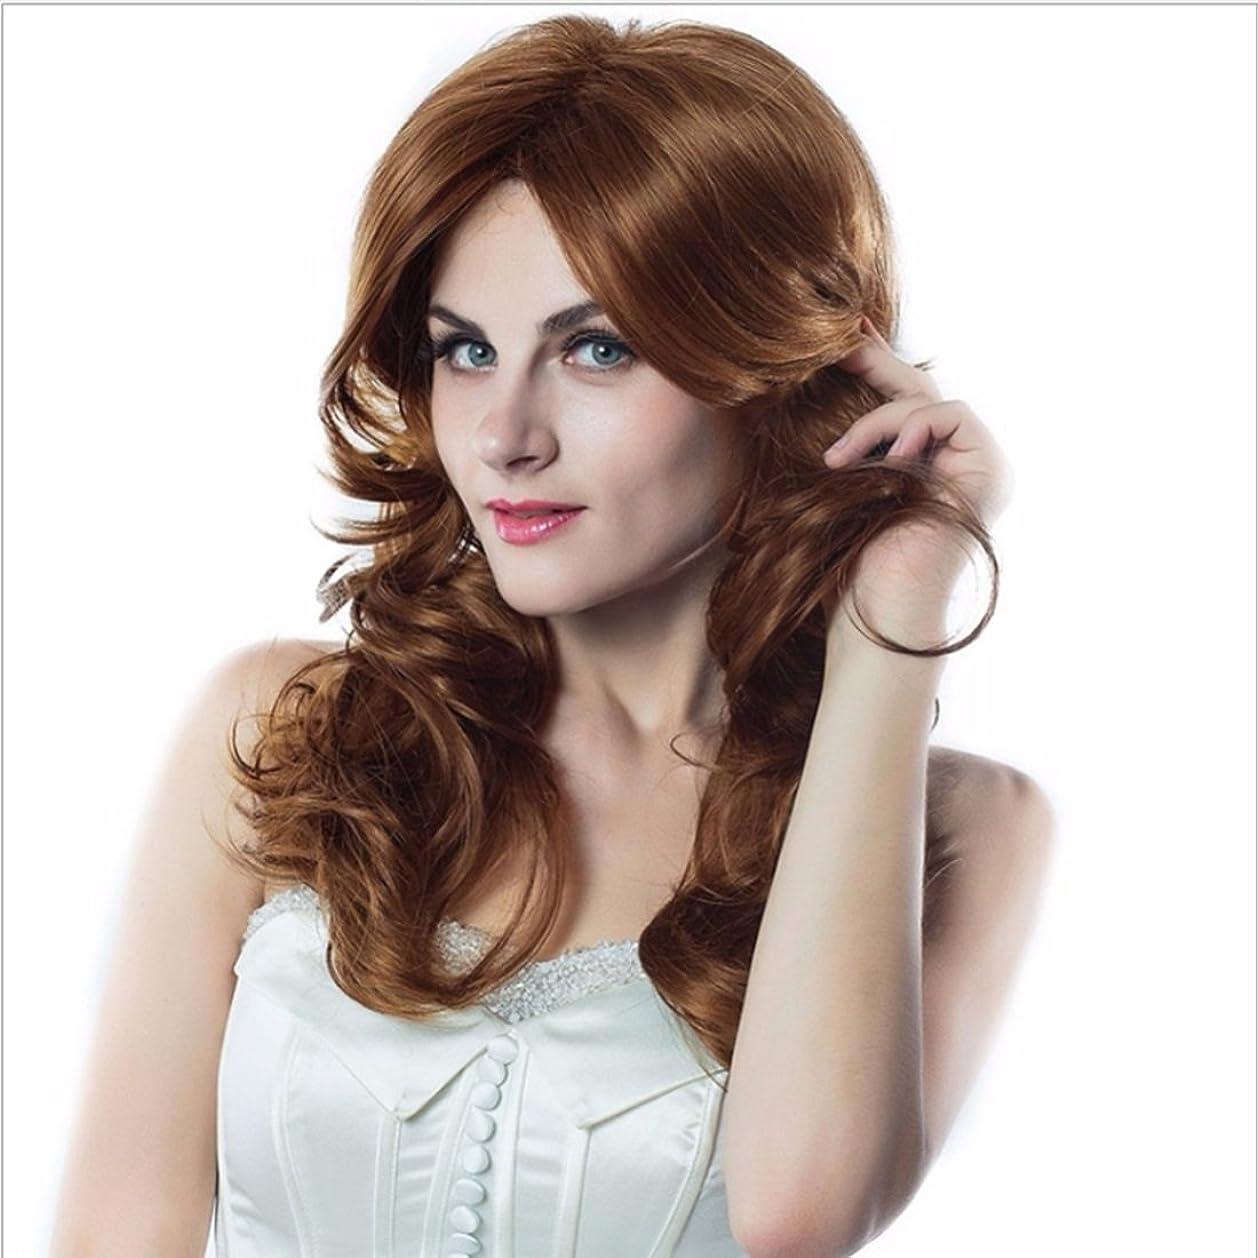 自殺マトロン海藻BOBIDYEE 女性のかつらのための長い大きな波状の巻き毛のかつら自然色ゴールド斜め前髪かつらコスプレかつら45センチファッションかつら (色 : ゴールド)